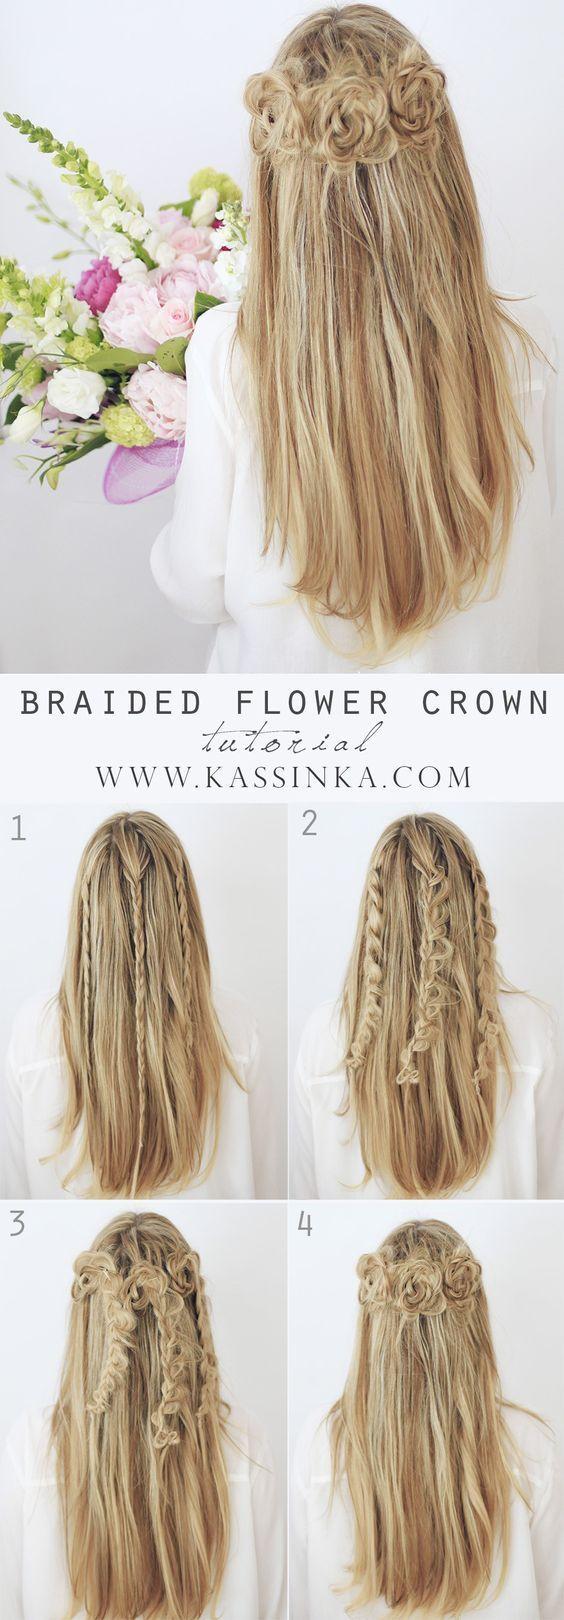 best 25+ wedding hair tutorials ideas on pinterest | step by step